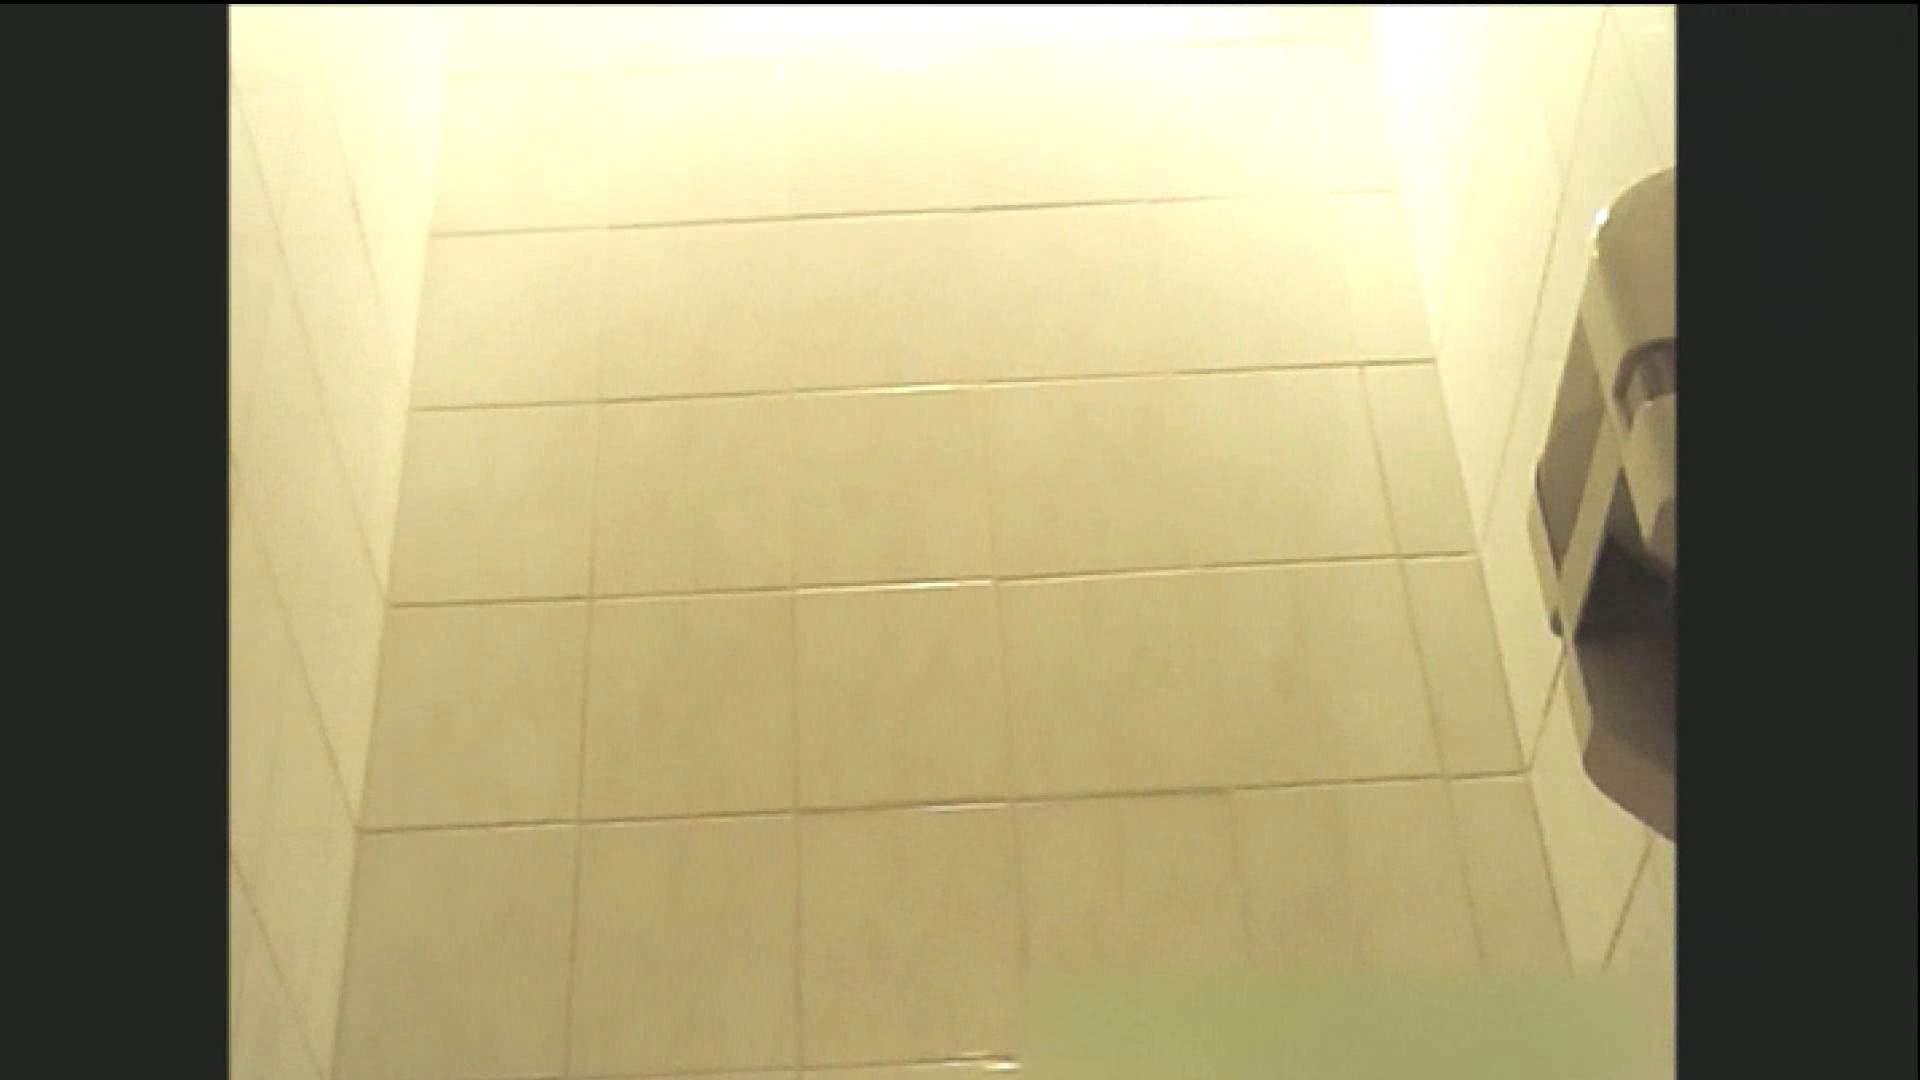 実録!!綺麗なお姉さんのトイレ事情・・・。vol.10 OLの実態 覗きおまんこ画像 86pic 17